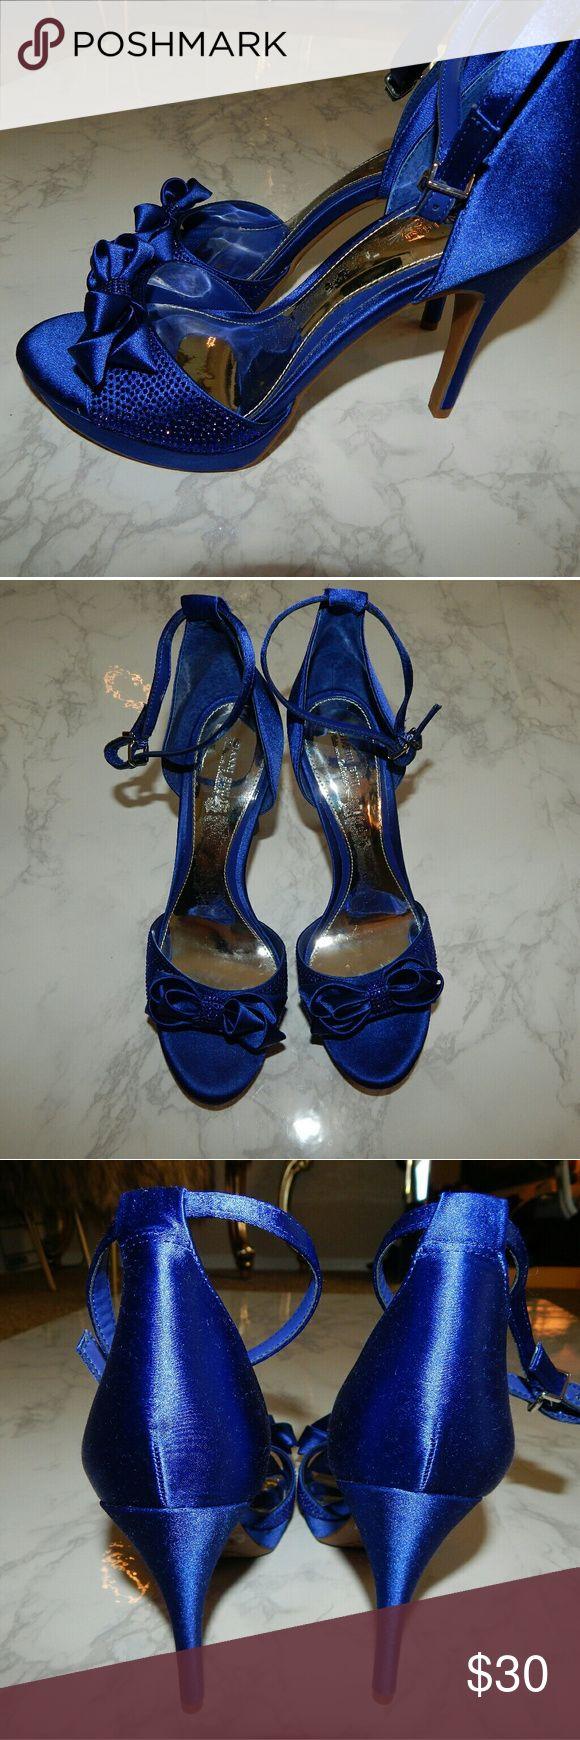 Brand  new Gianni Bini Blue Heels Brand new Gianni Bini Shoes